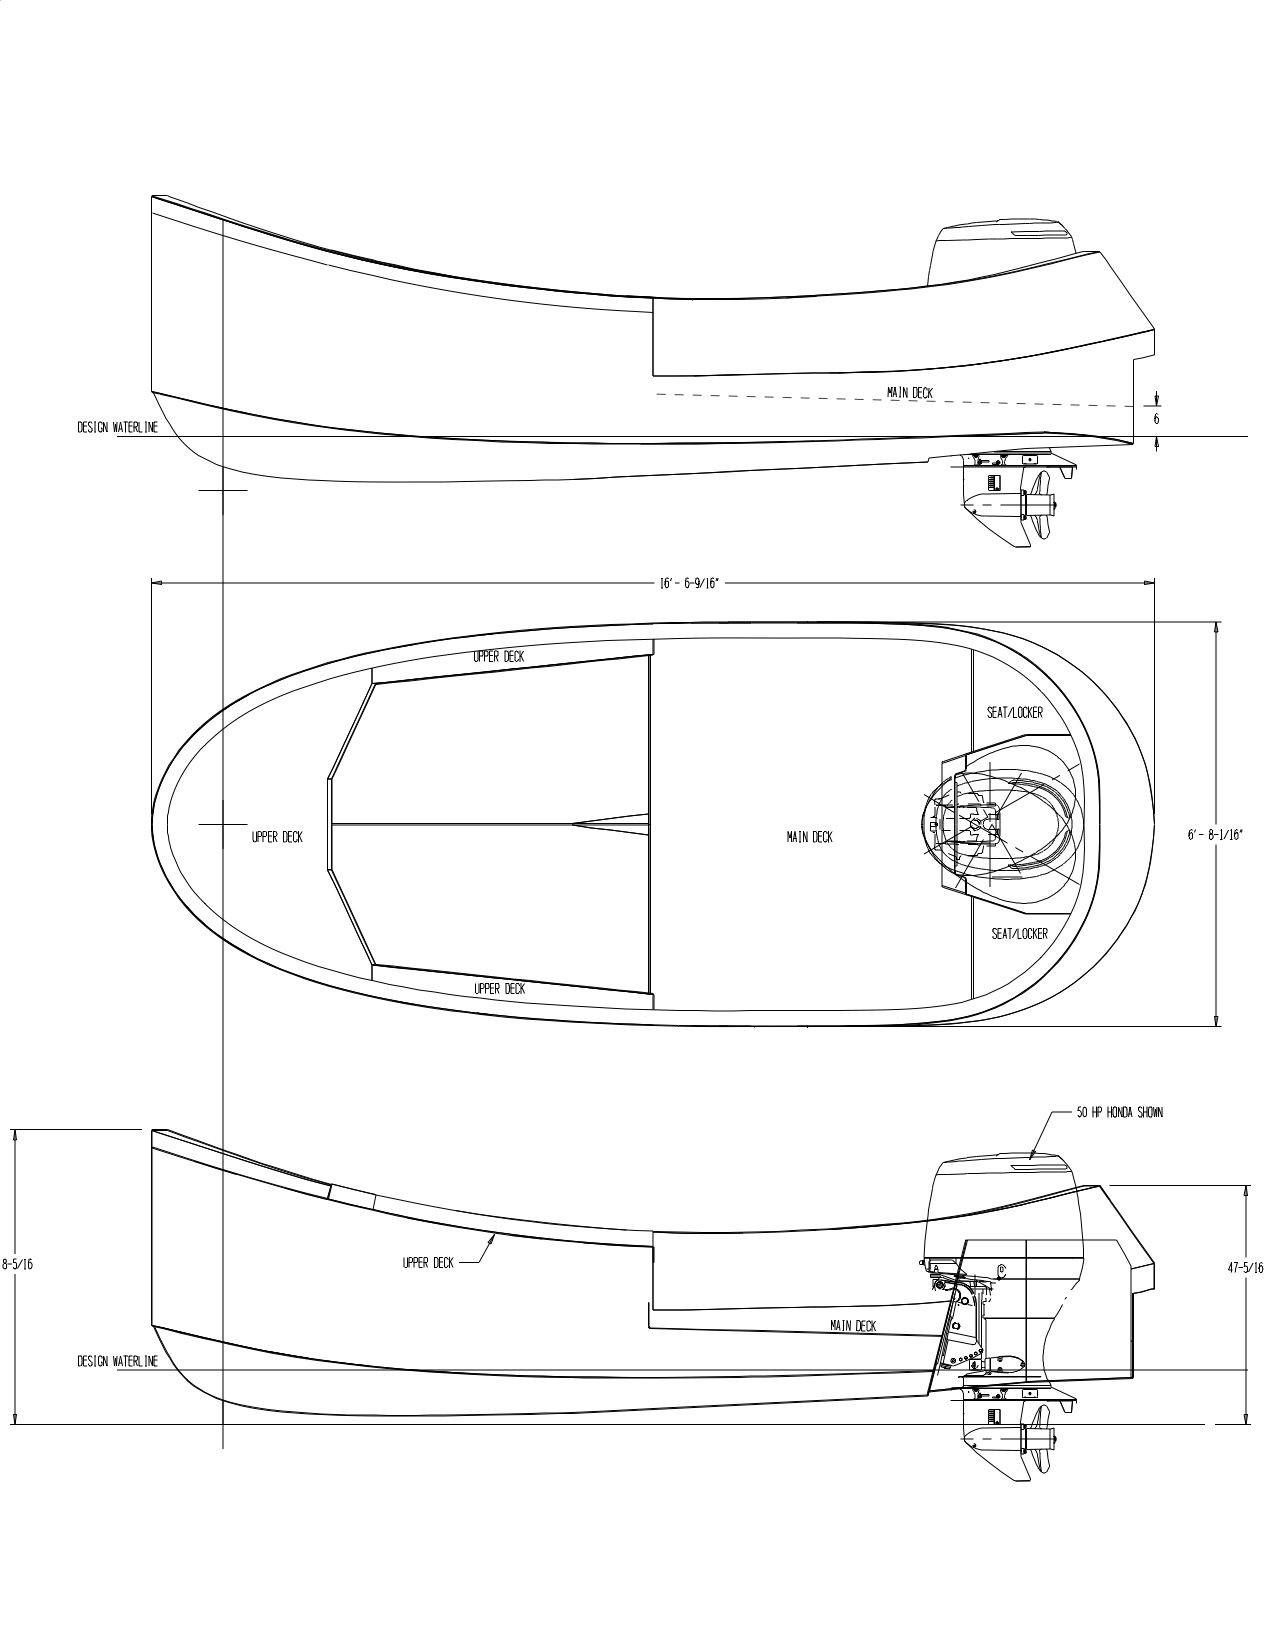 Aluminum Window Parts Diagram Trailerable Houseboat Plans Of Aluminum Window Parts Diagram